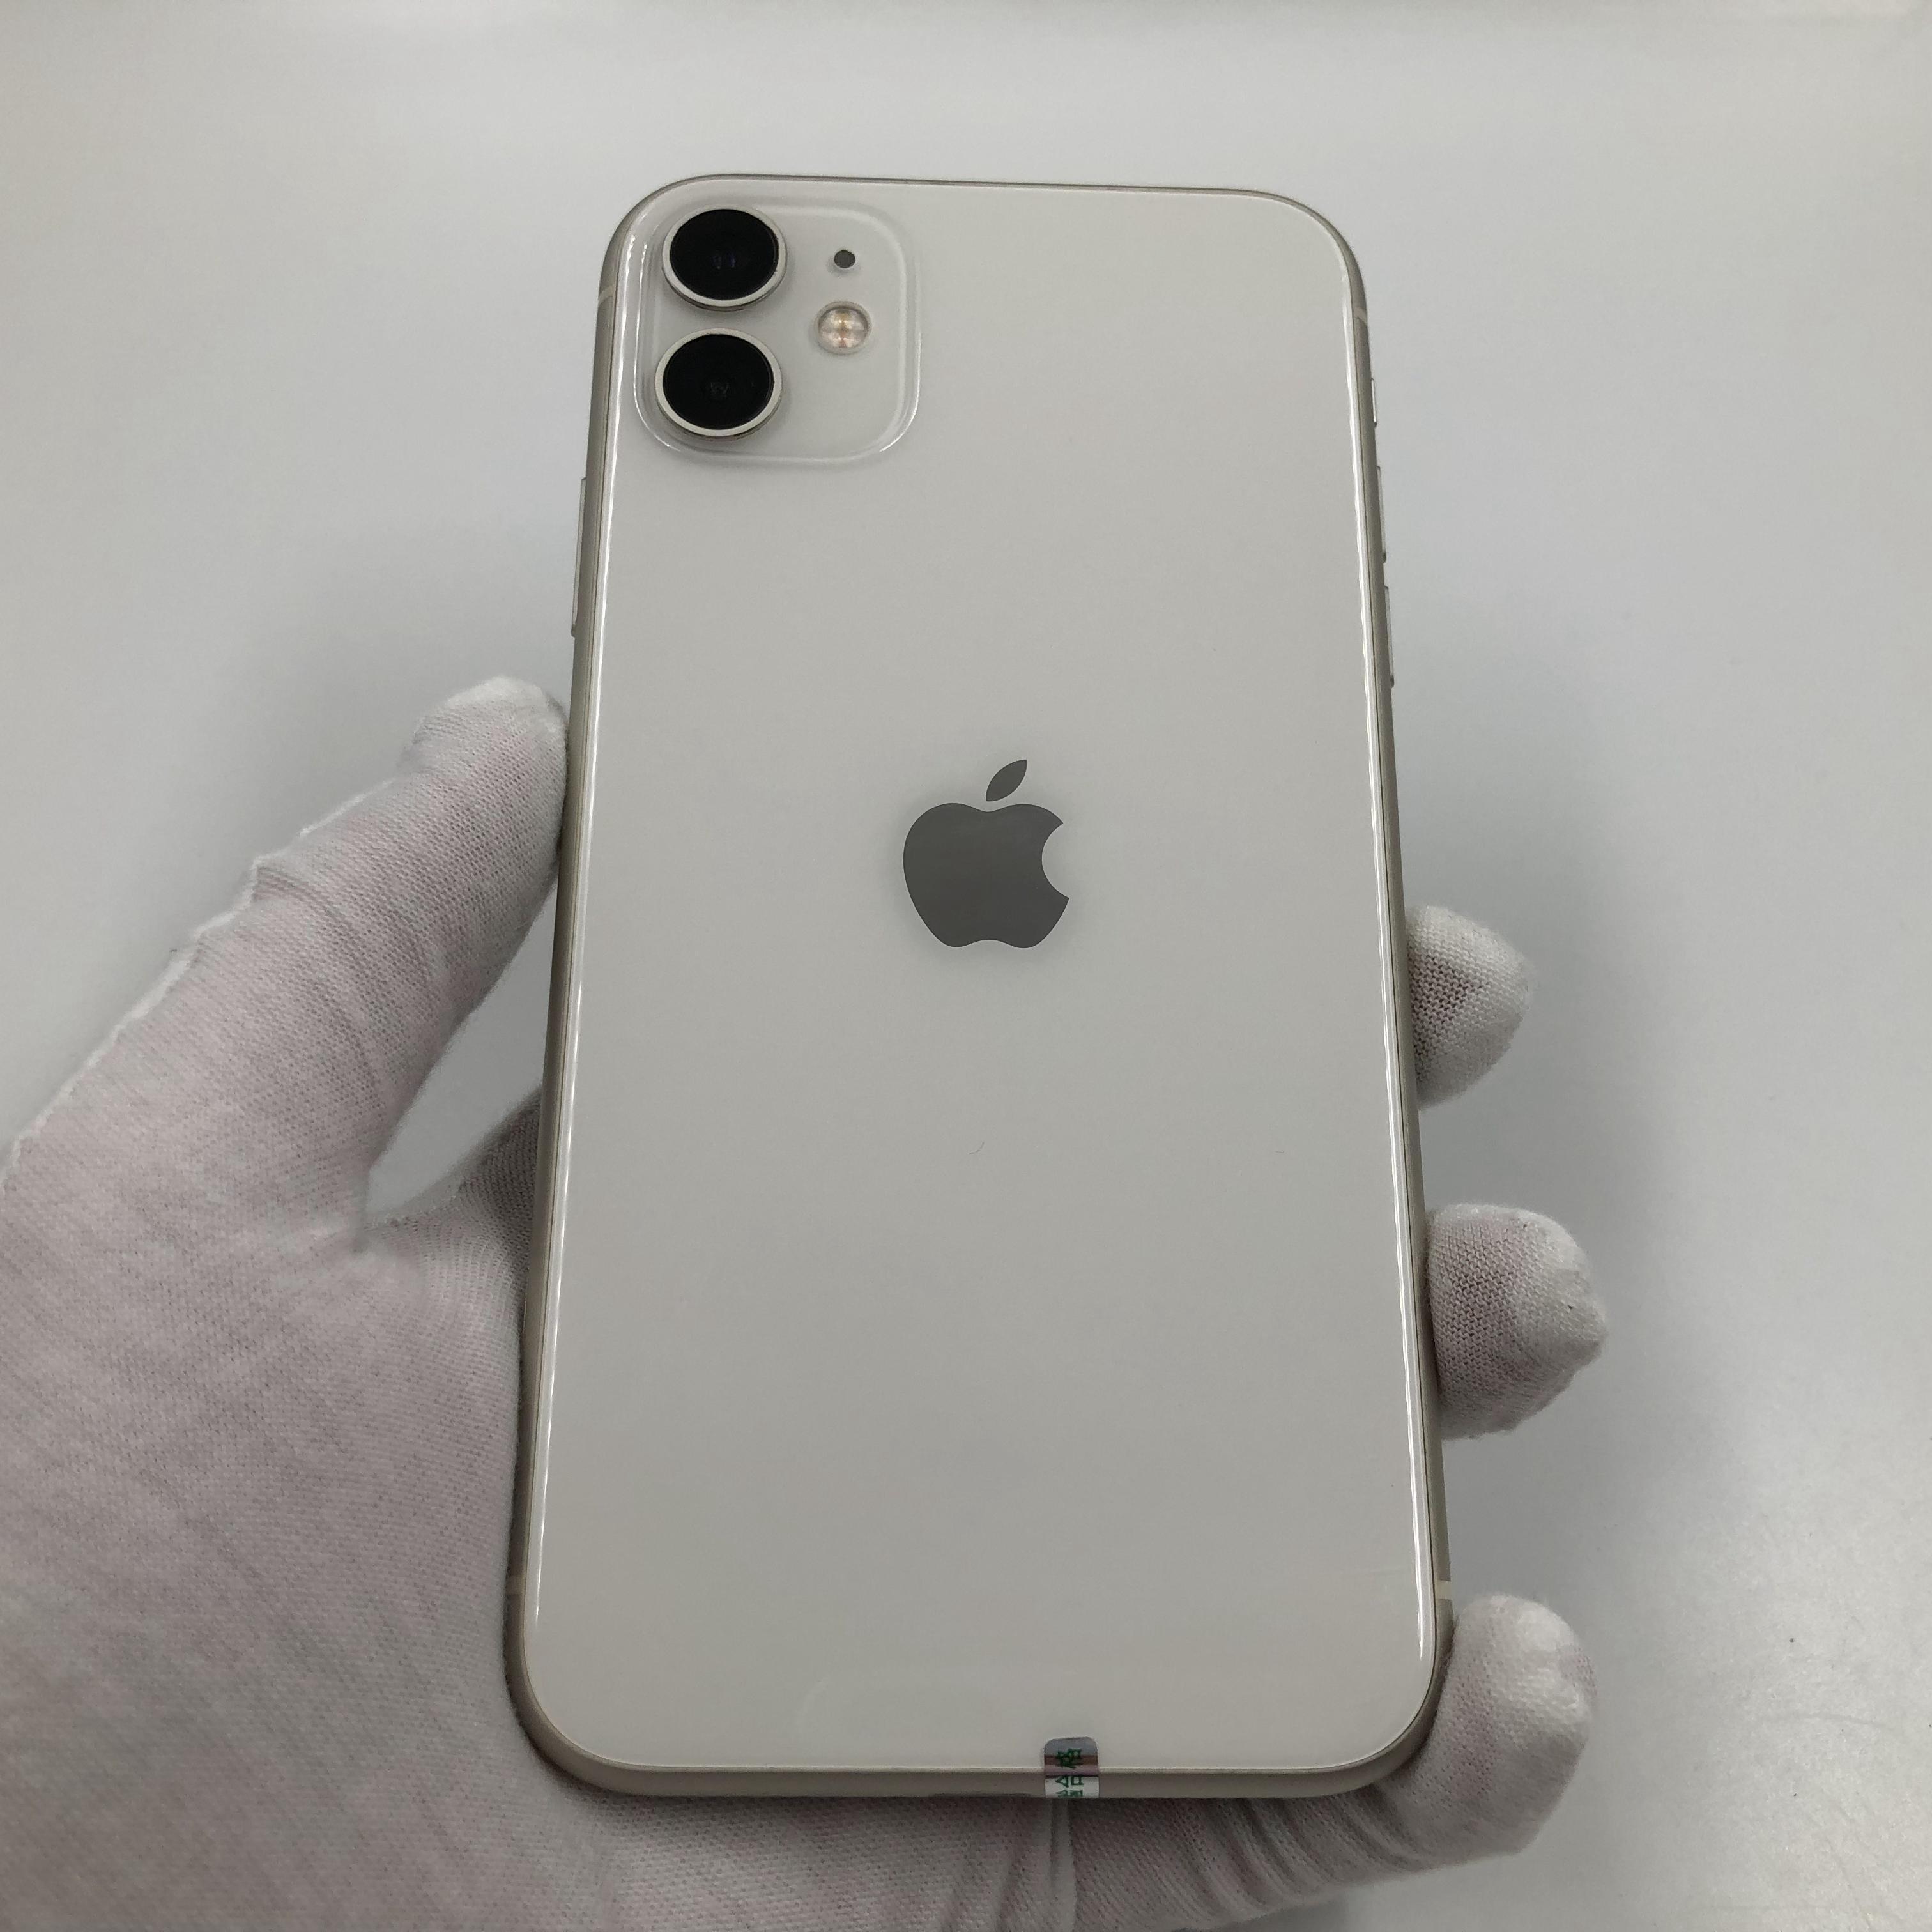 苹果【iPhone 11】4G全网通 白色 128G 国行 8成新 真机实拍